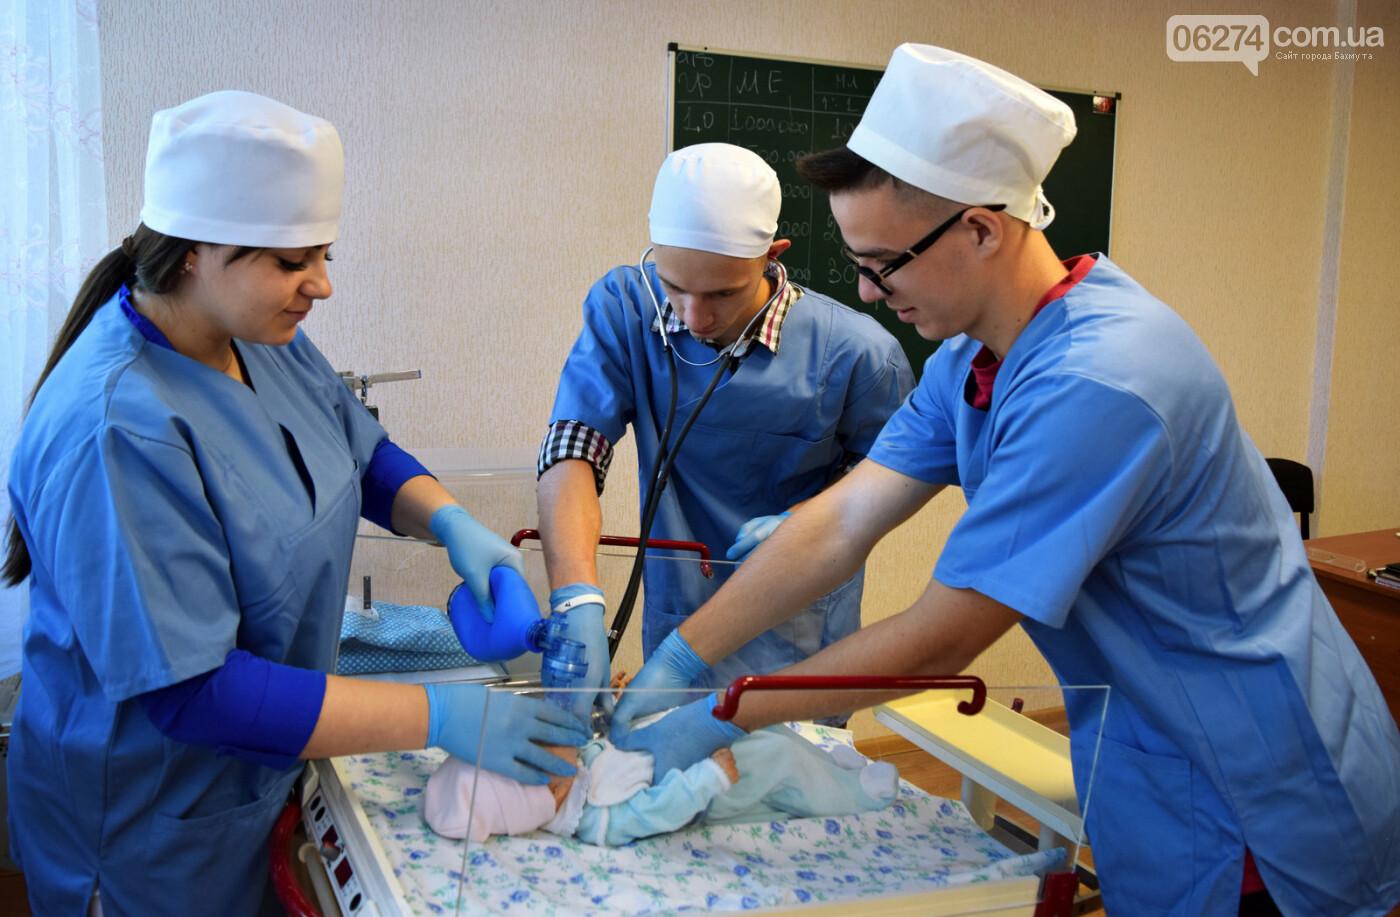 Бахмутский медицинский колледж приглашает на обучение выпускников 9 и 11 классов, фото-3